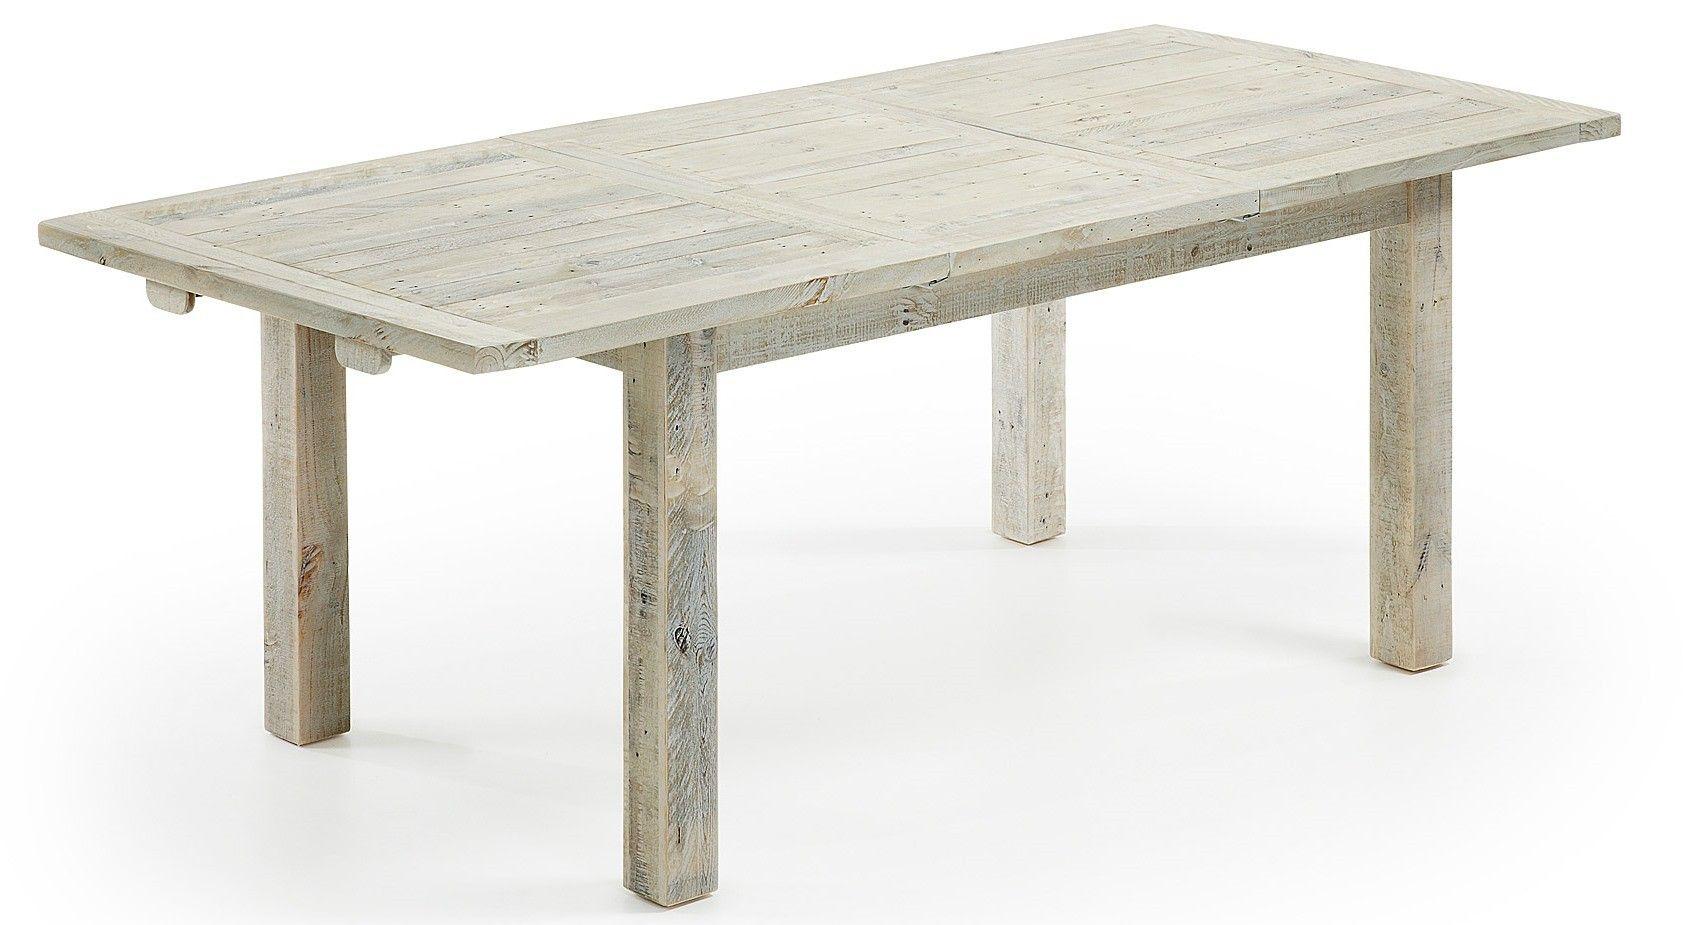 Eetkamer Tafel Uitklapbaar.Hycks Tafel Uitklapbaar Wood Clear Grey Laforma Eettafel